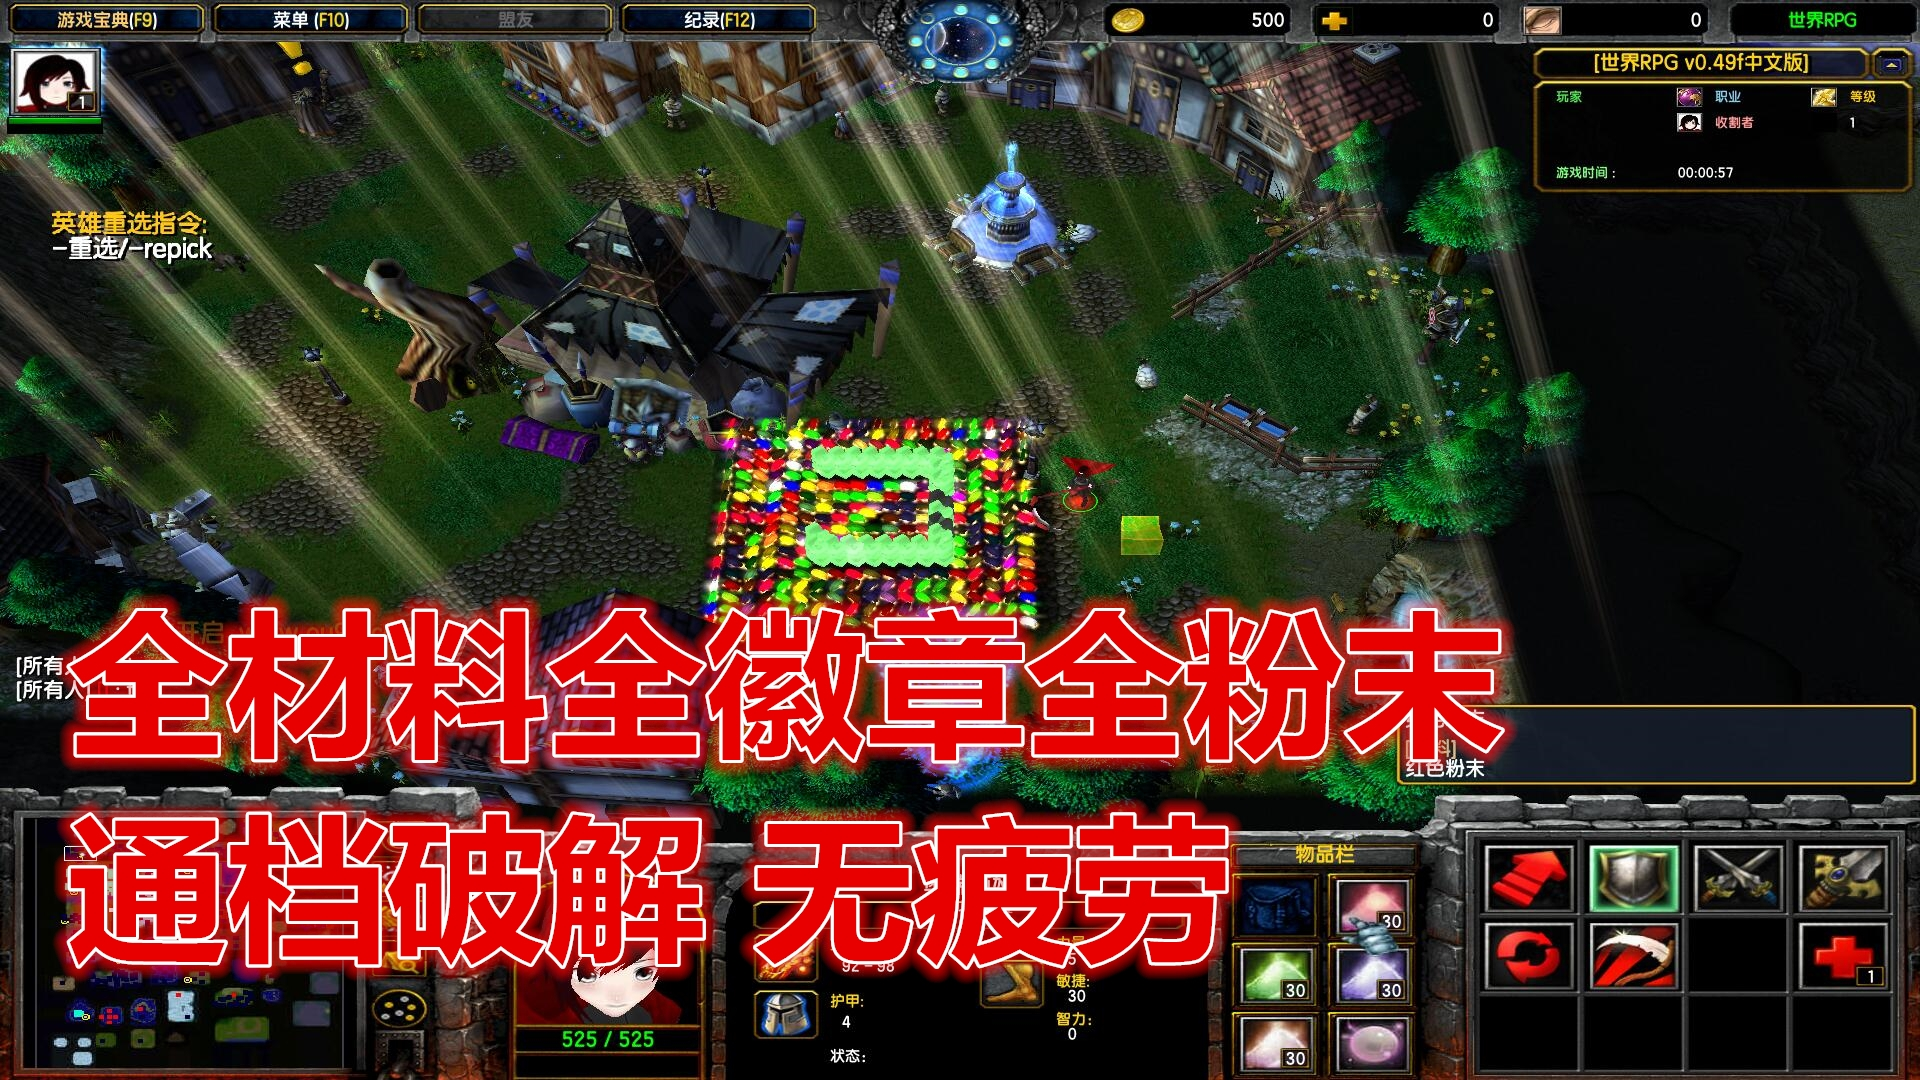 世界RPGv0.49f中文版TOP破解 可通档+无疲劳值+高爆几率+刷粉尘结晶+刷物品+BOSS徽章